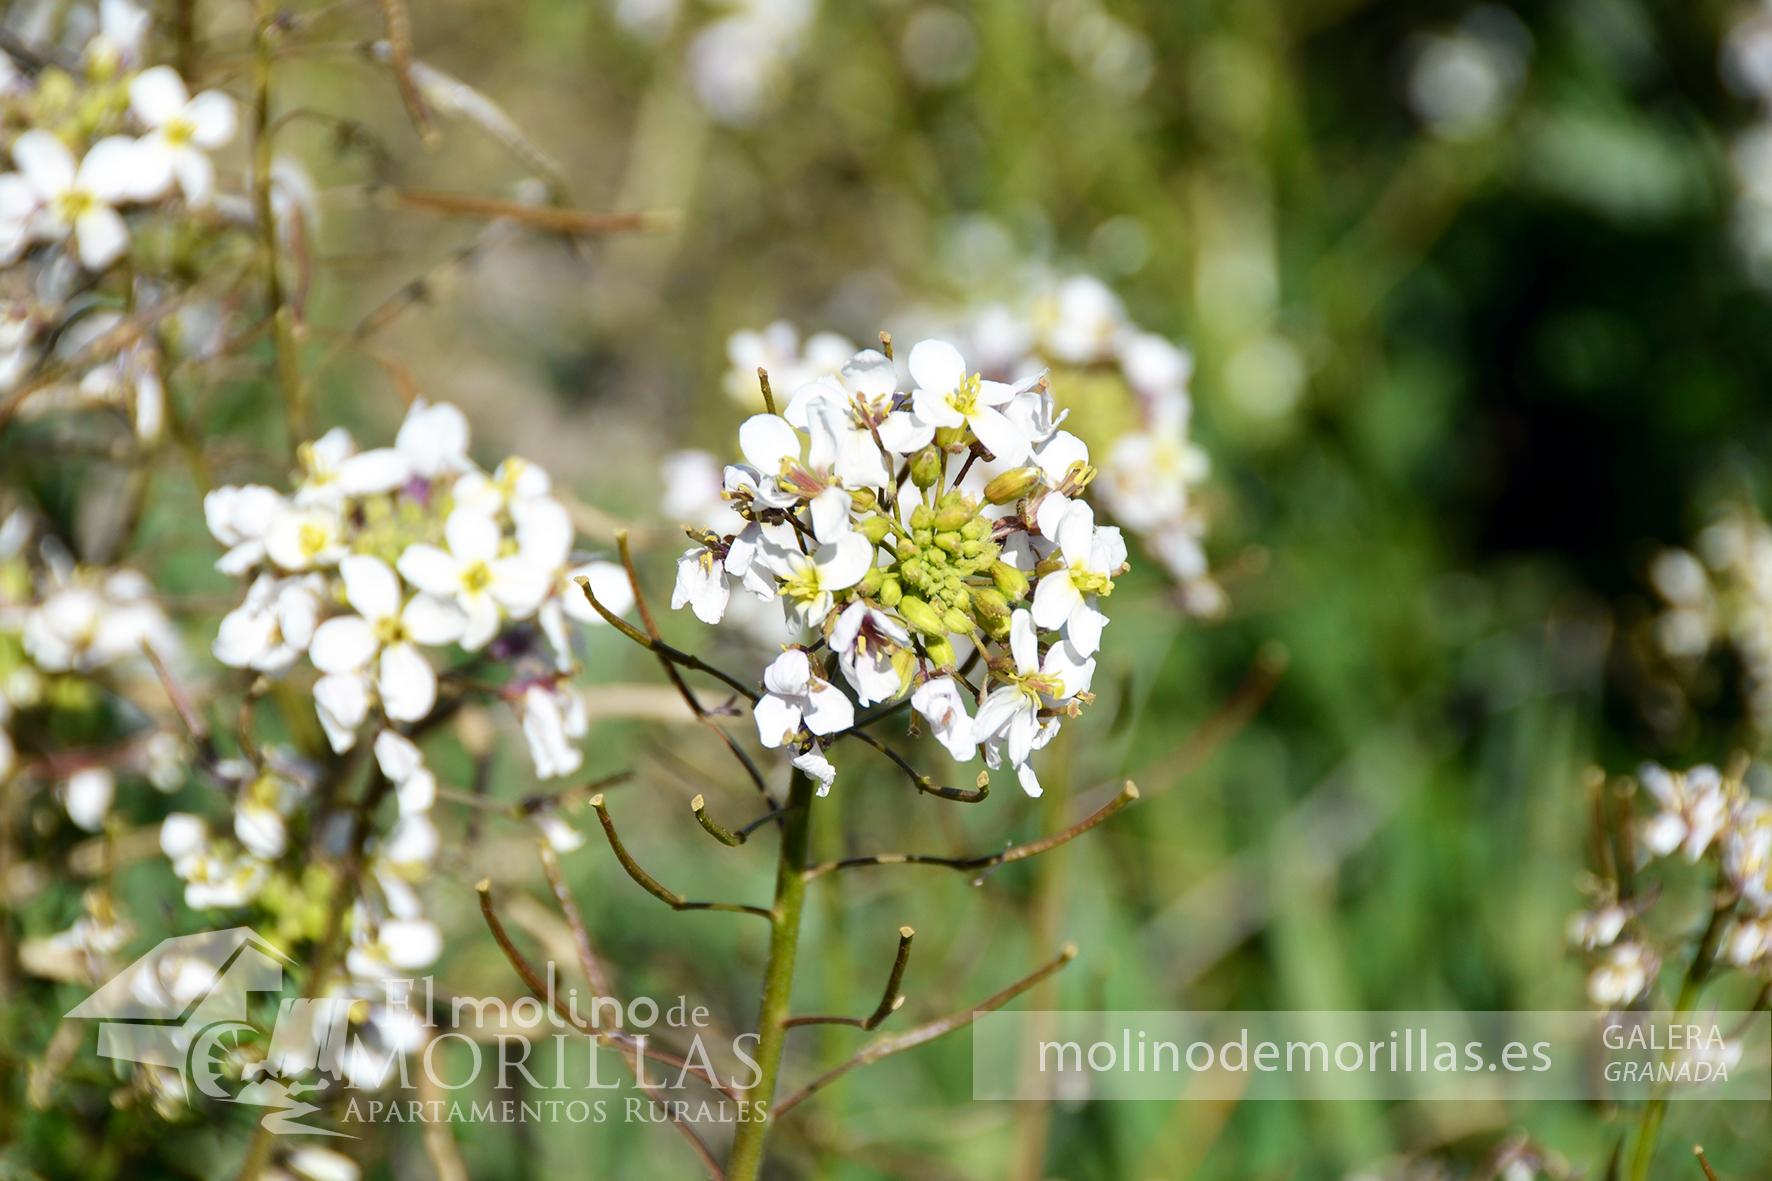 Flora autóctona en el entorno